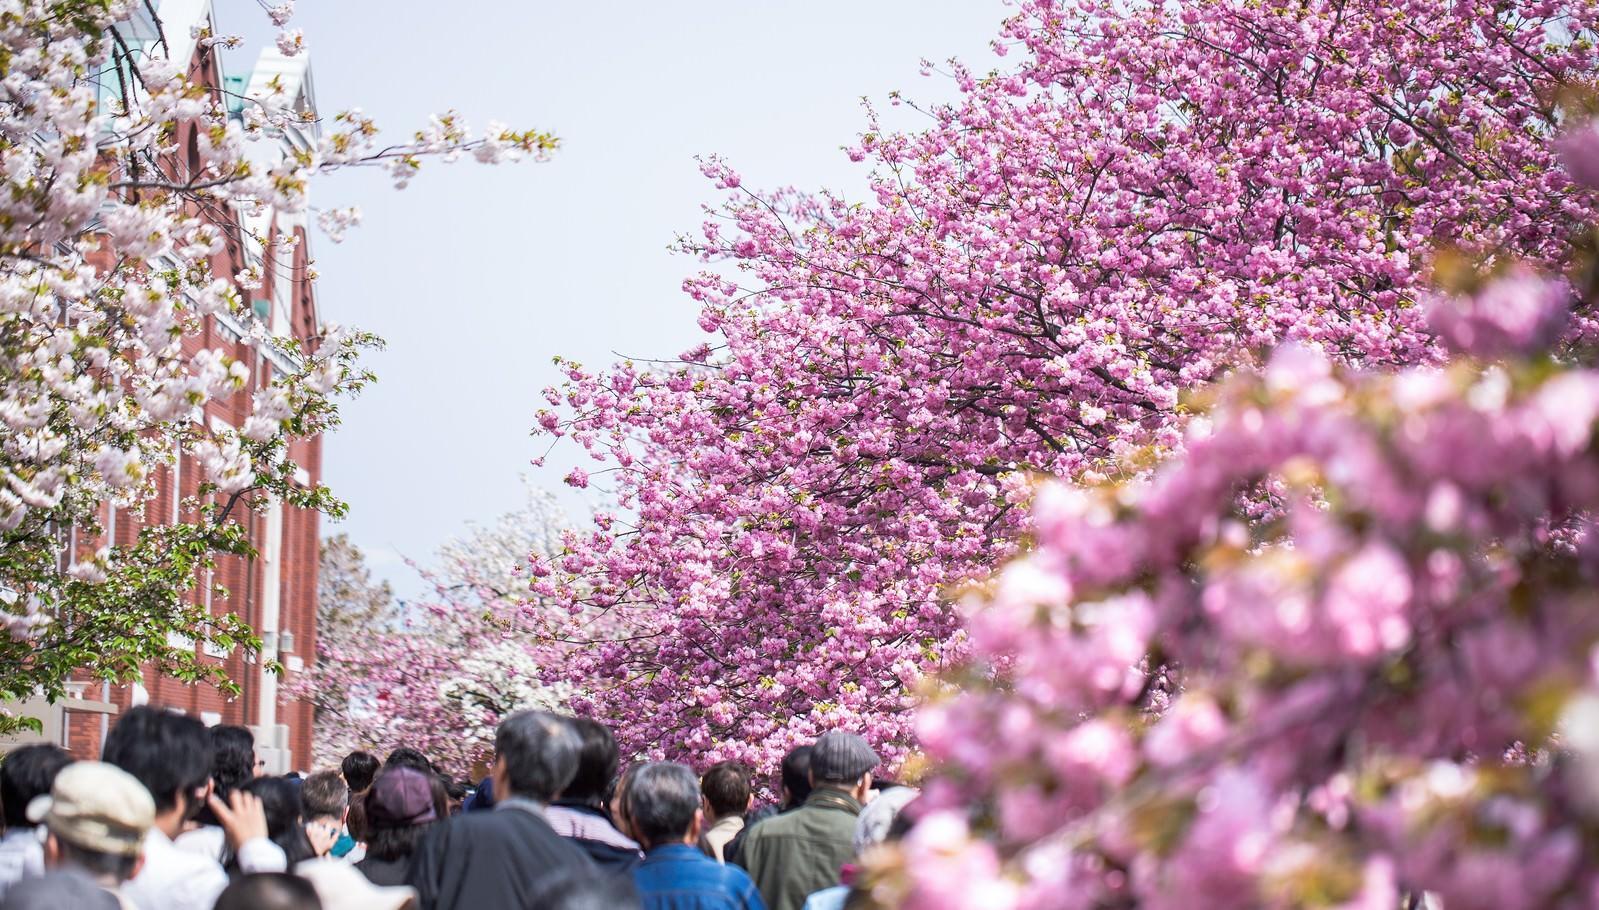 「造幣局桜の通り抜け | 写真の無料素材・フリー素材 - ぱくたそ」の写真